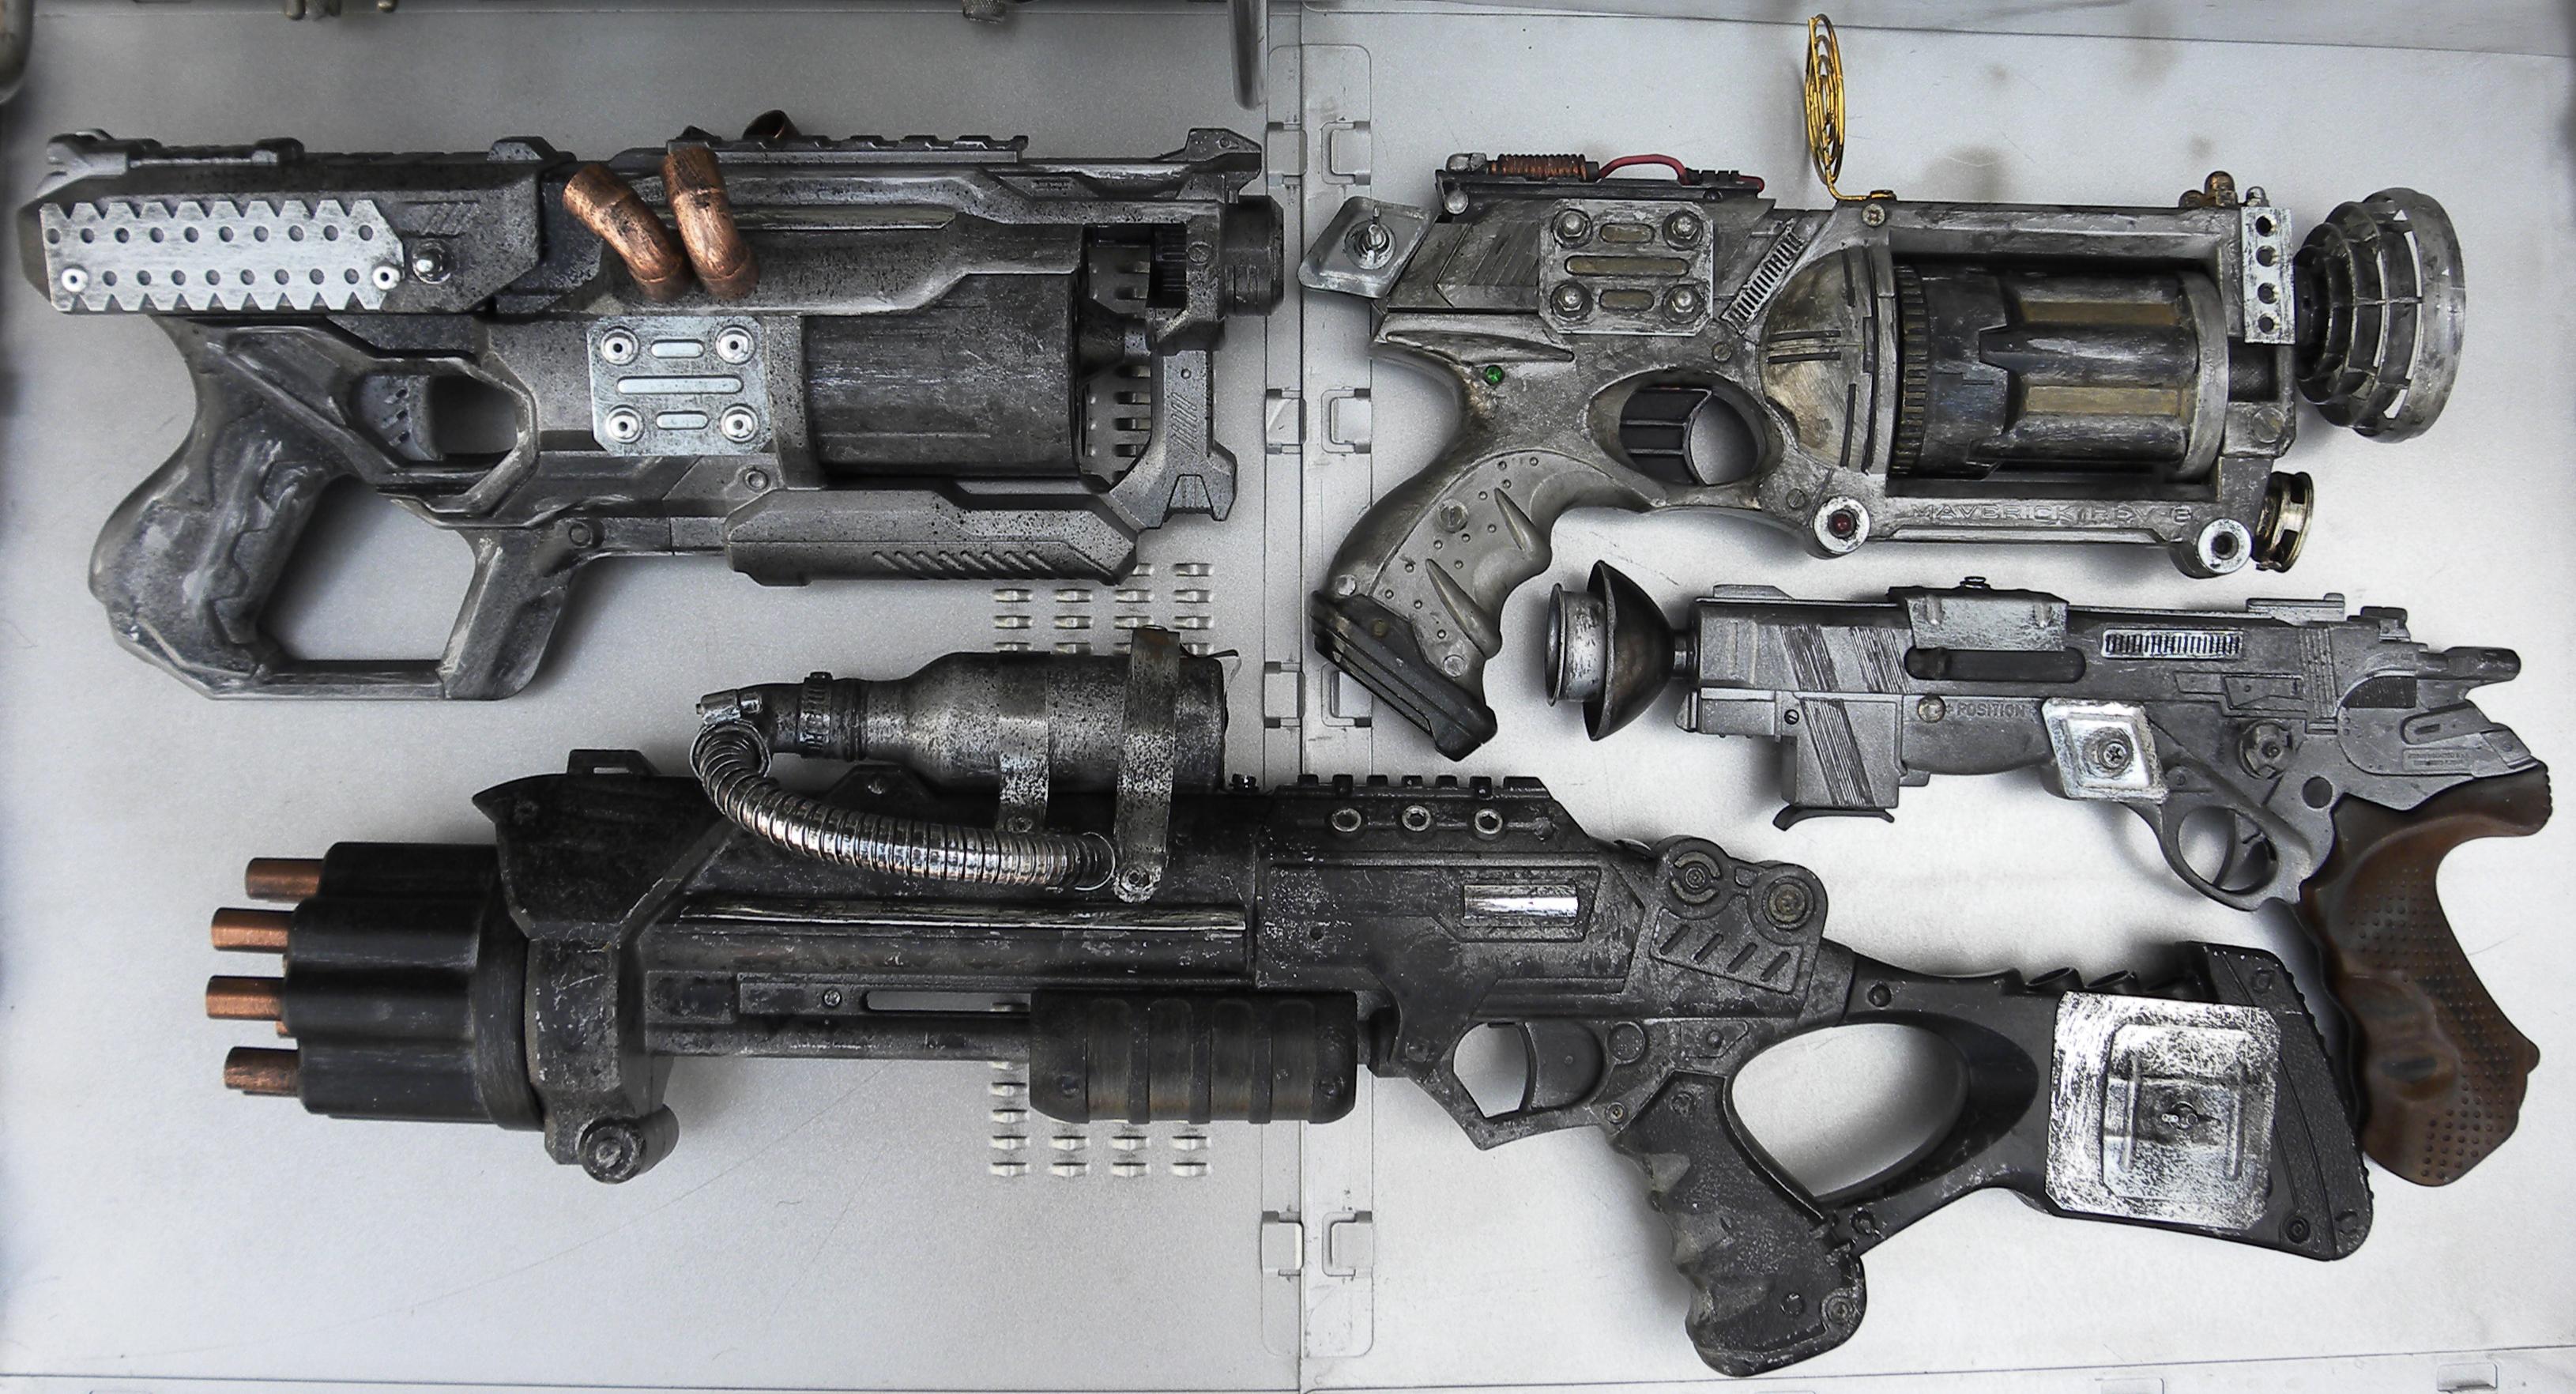 dieselpunk guns by zilochius on deviantart